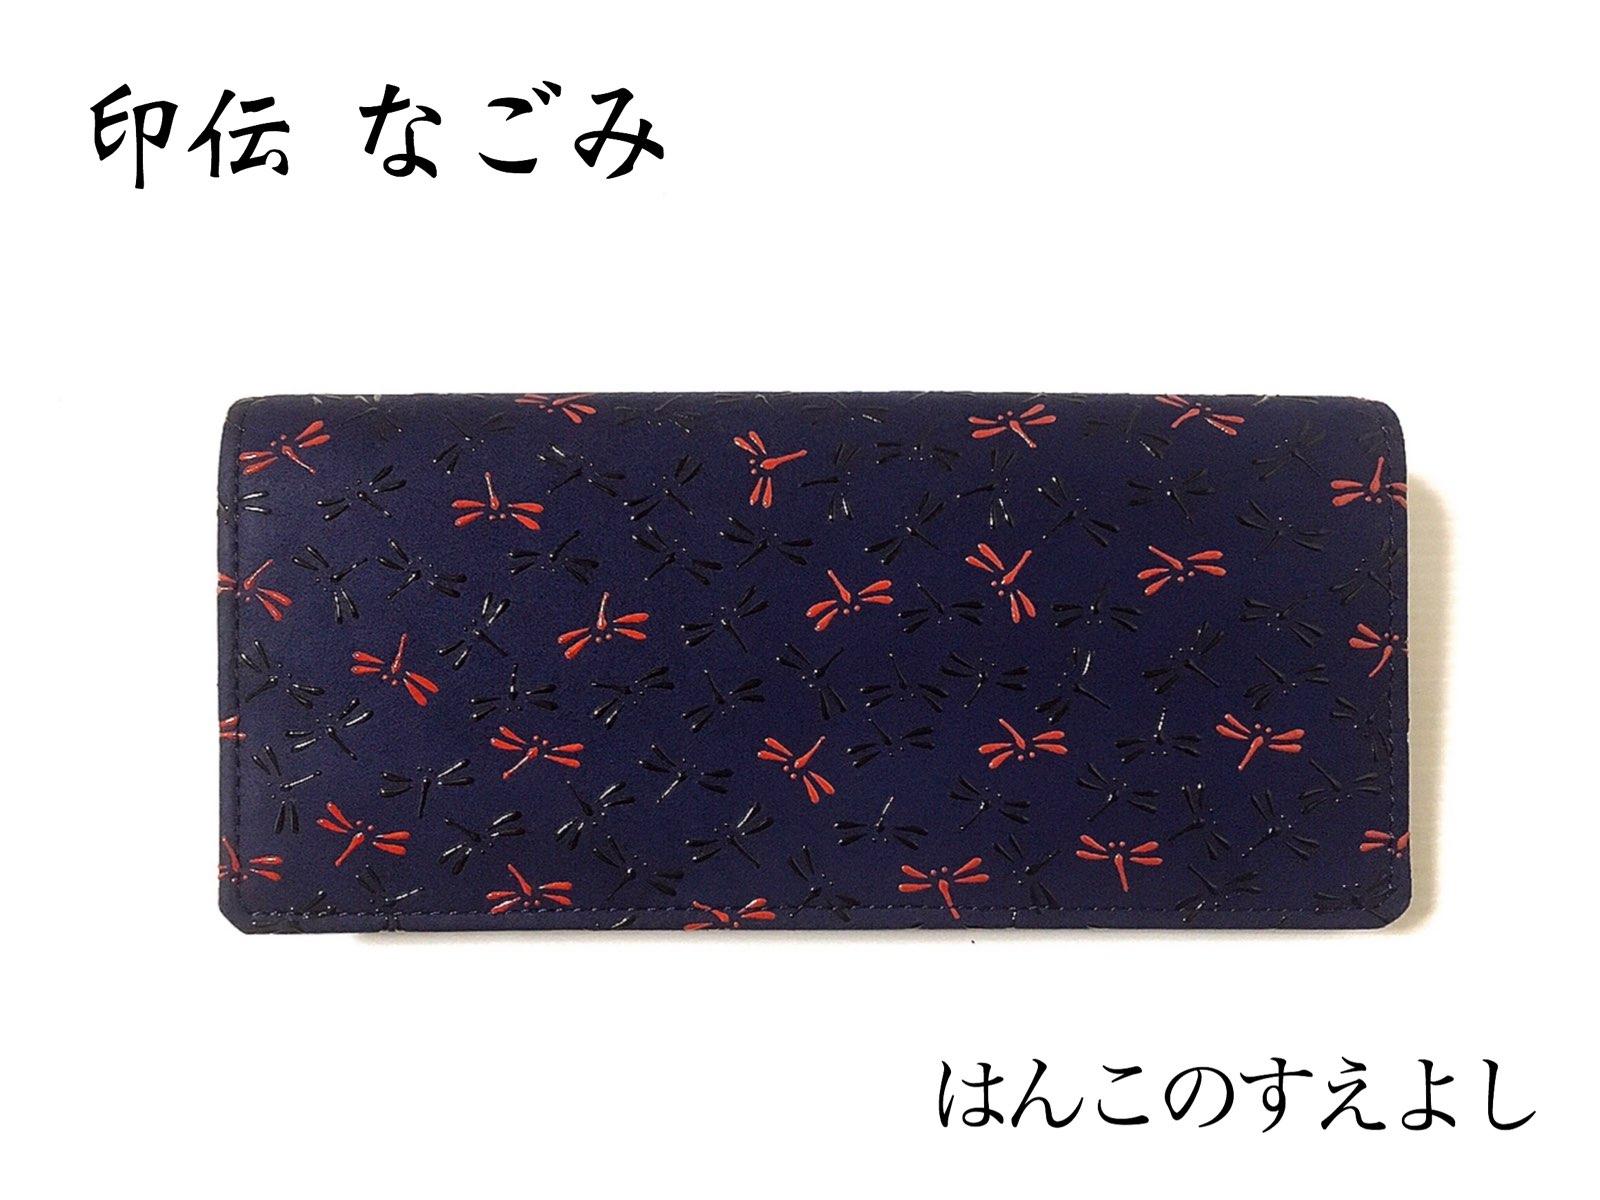 NO.7520 束入 なごみ紺地 黒と赤の二色漆 蜻蛉(とんぼ・トンボ)上原勇七 印傳屋 INDEN-YA甲州印伝(いんでん・インデン)